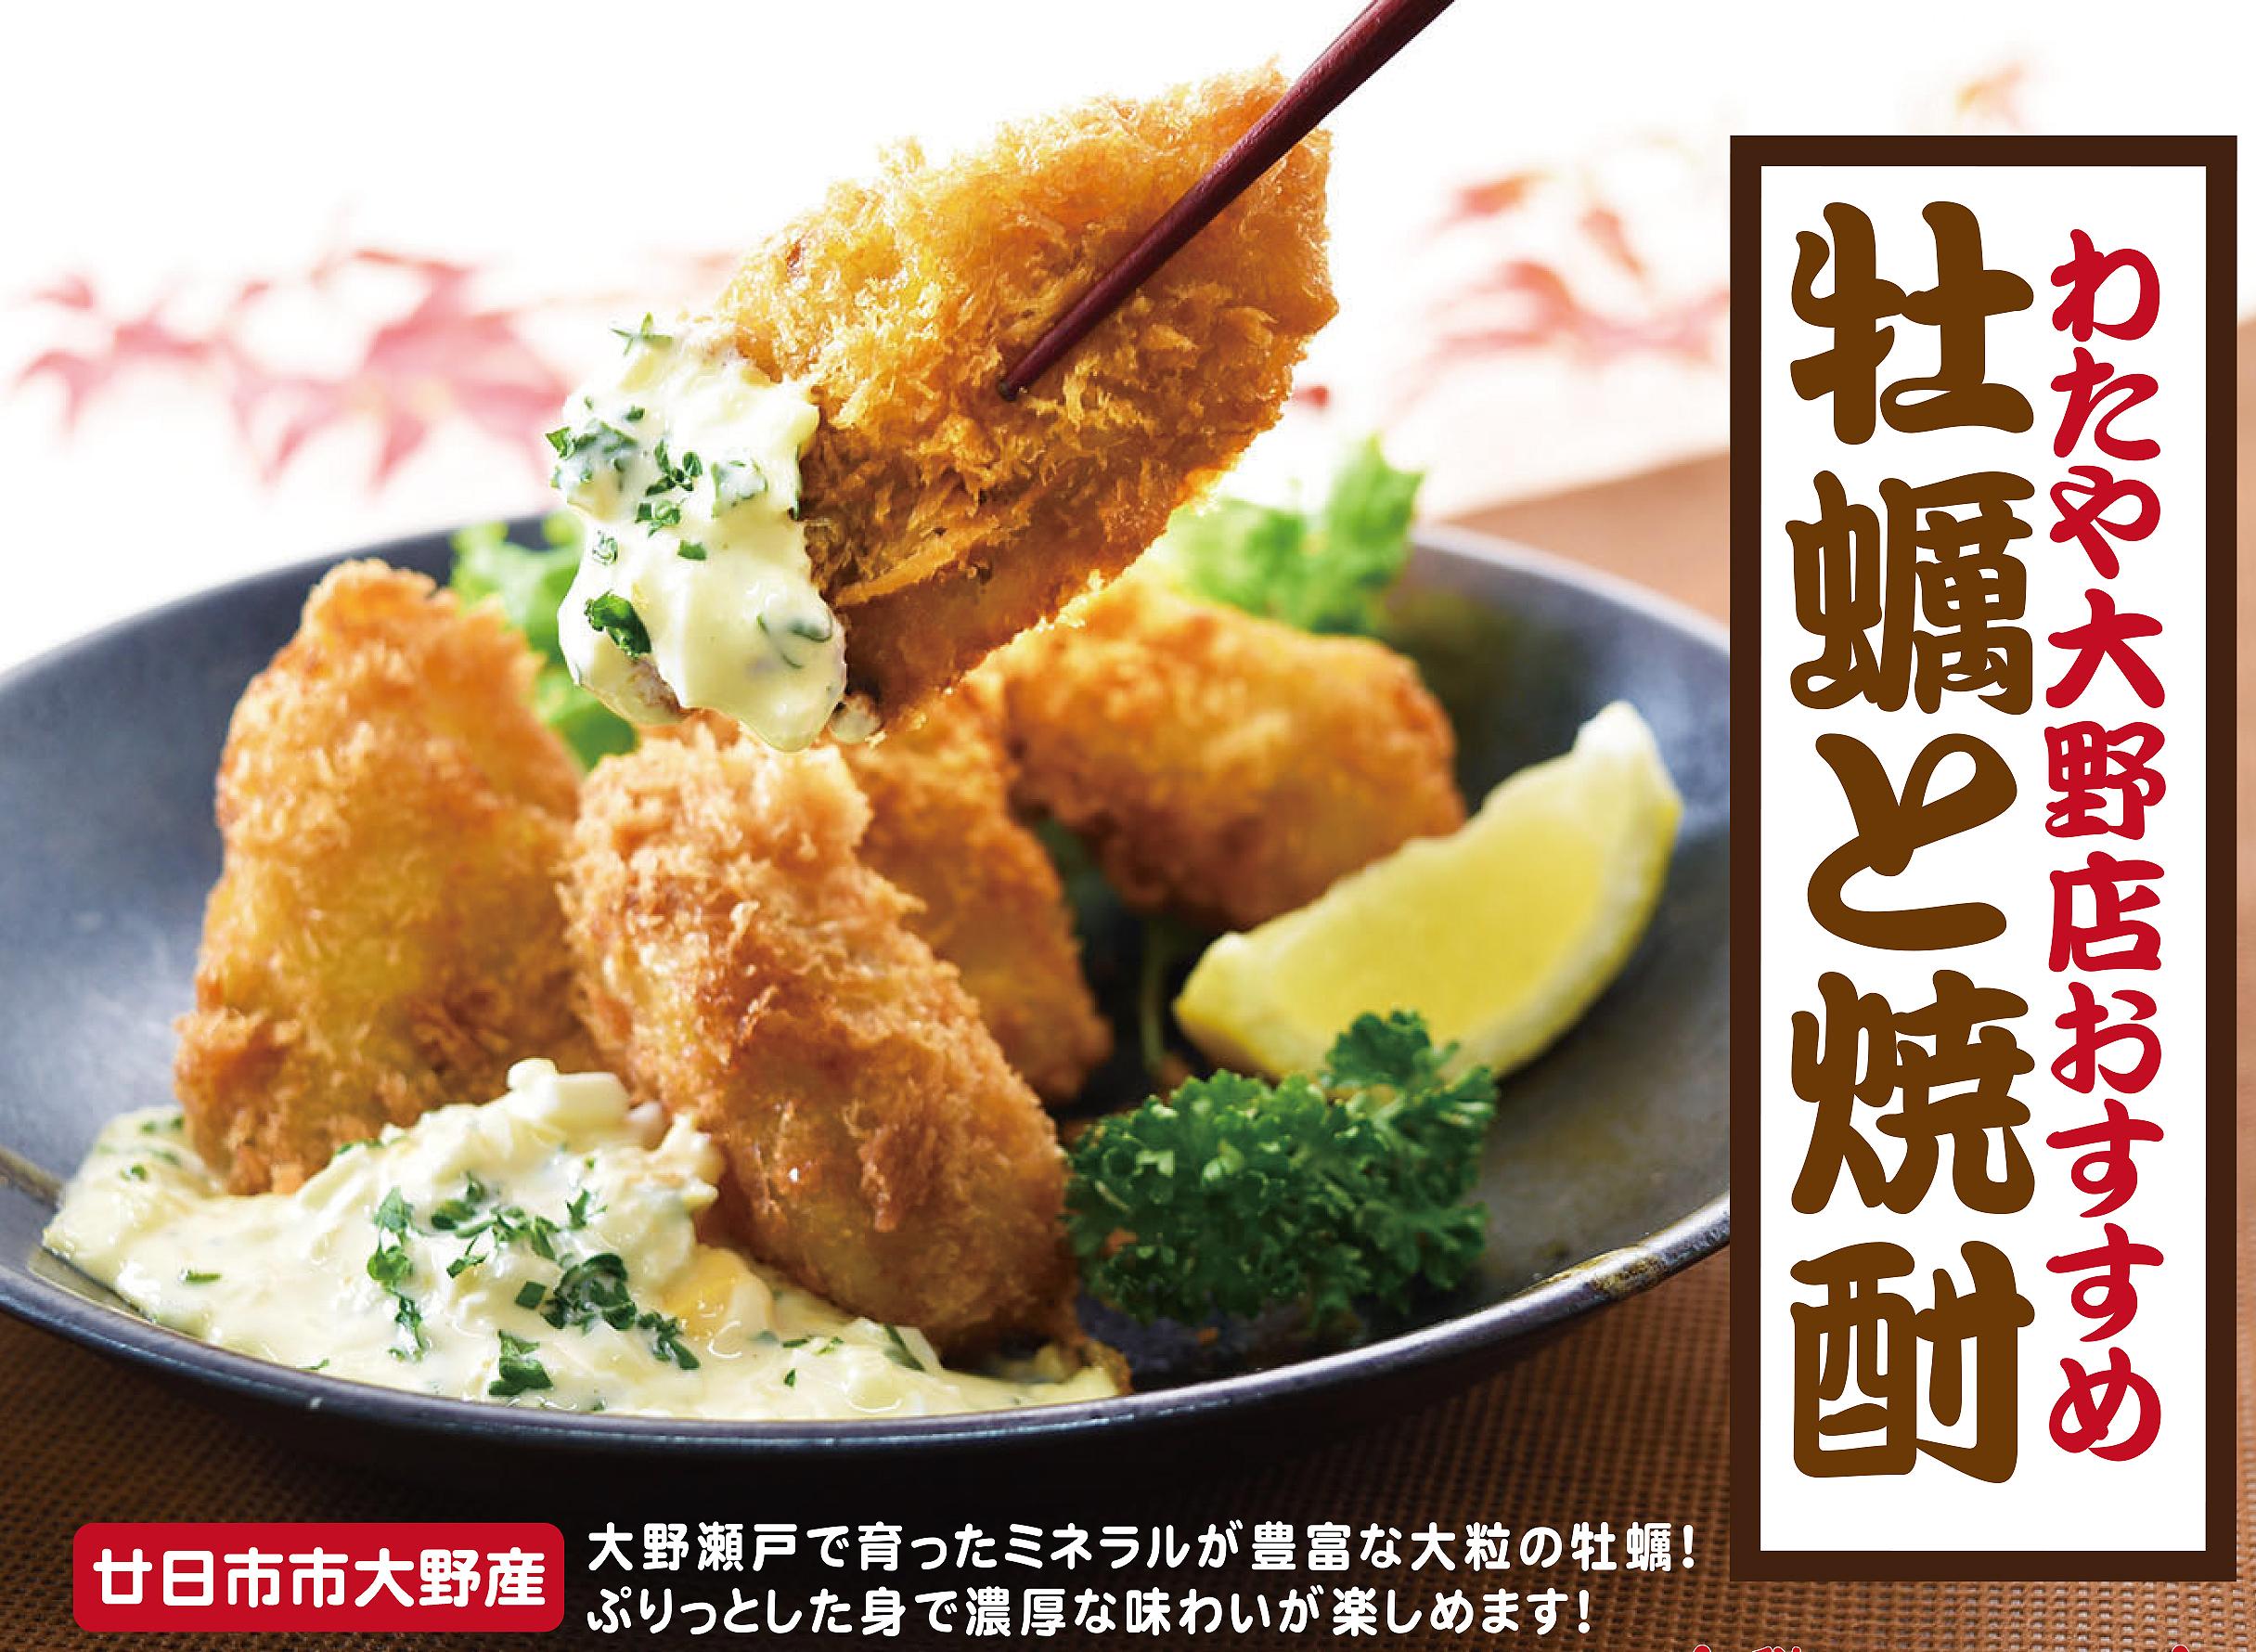 【11/4~大野店先行販売】焼酎に合う牡蠣の逸品